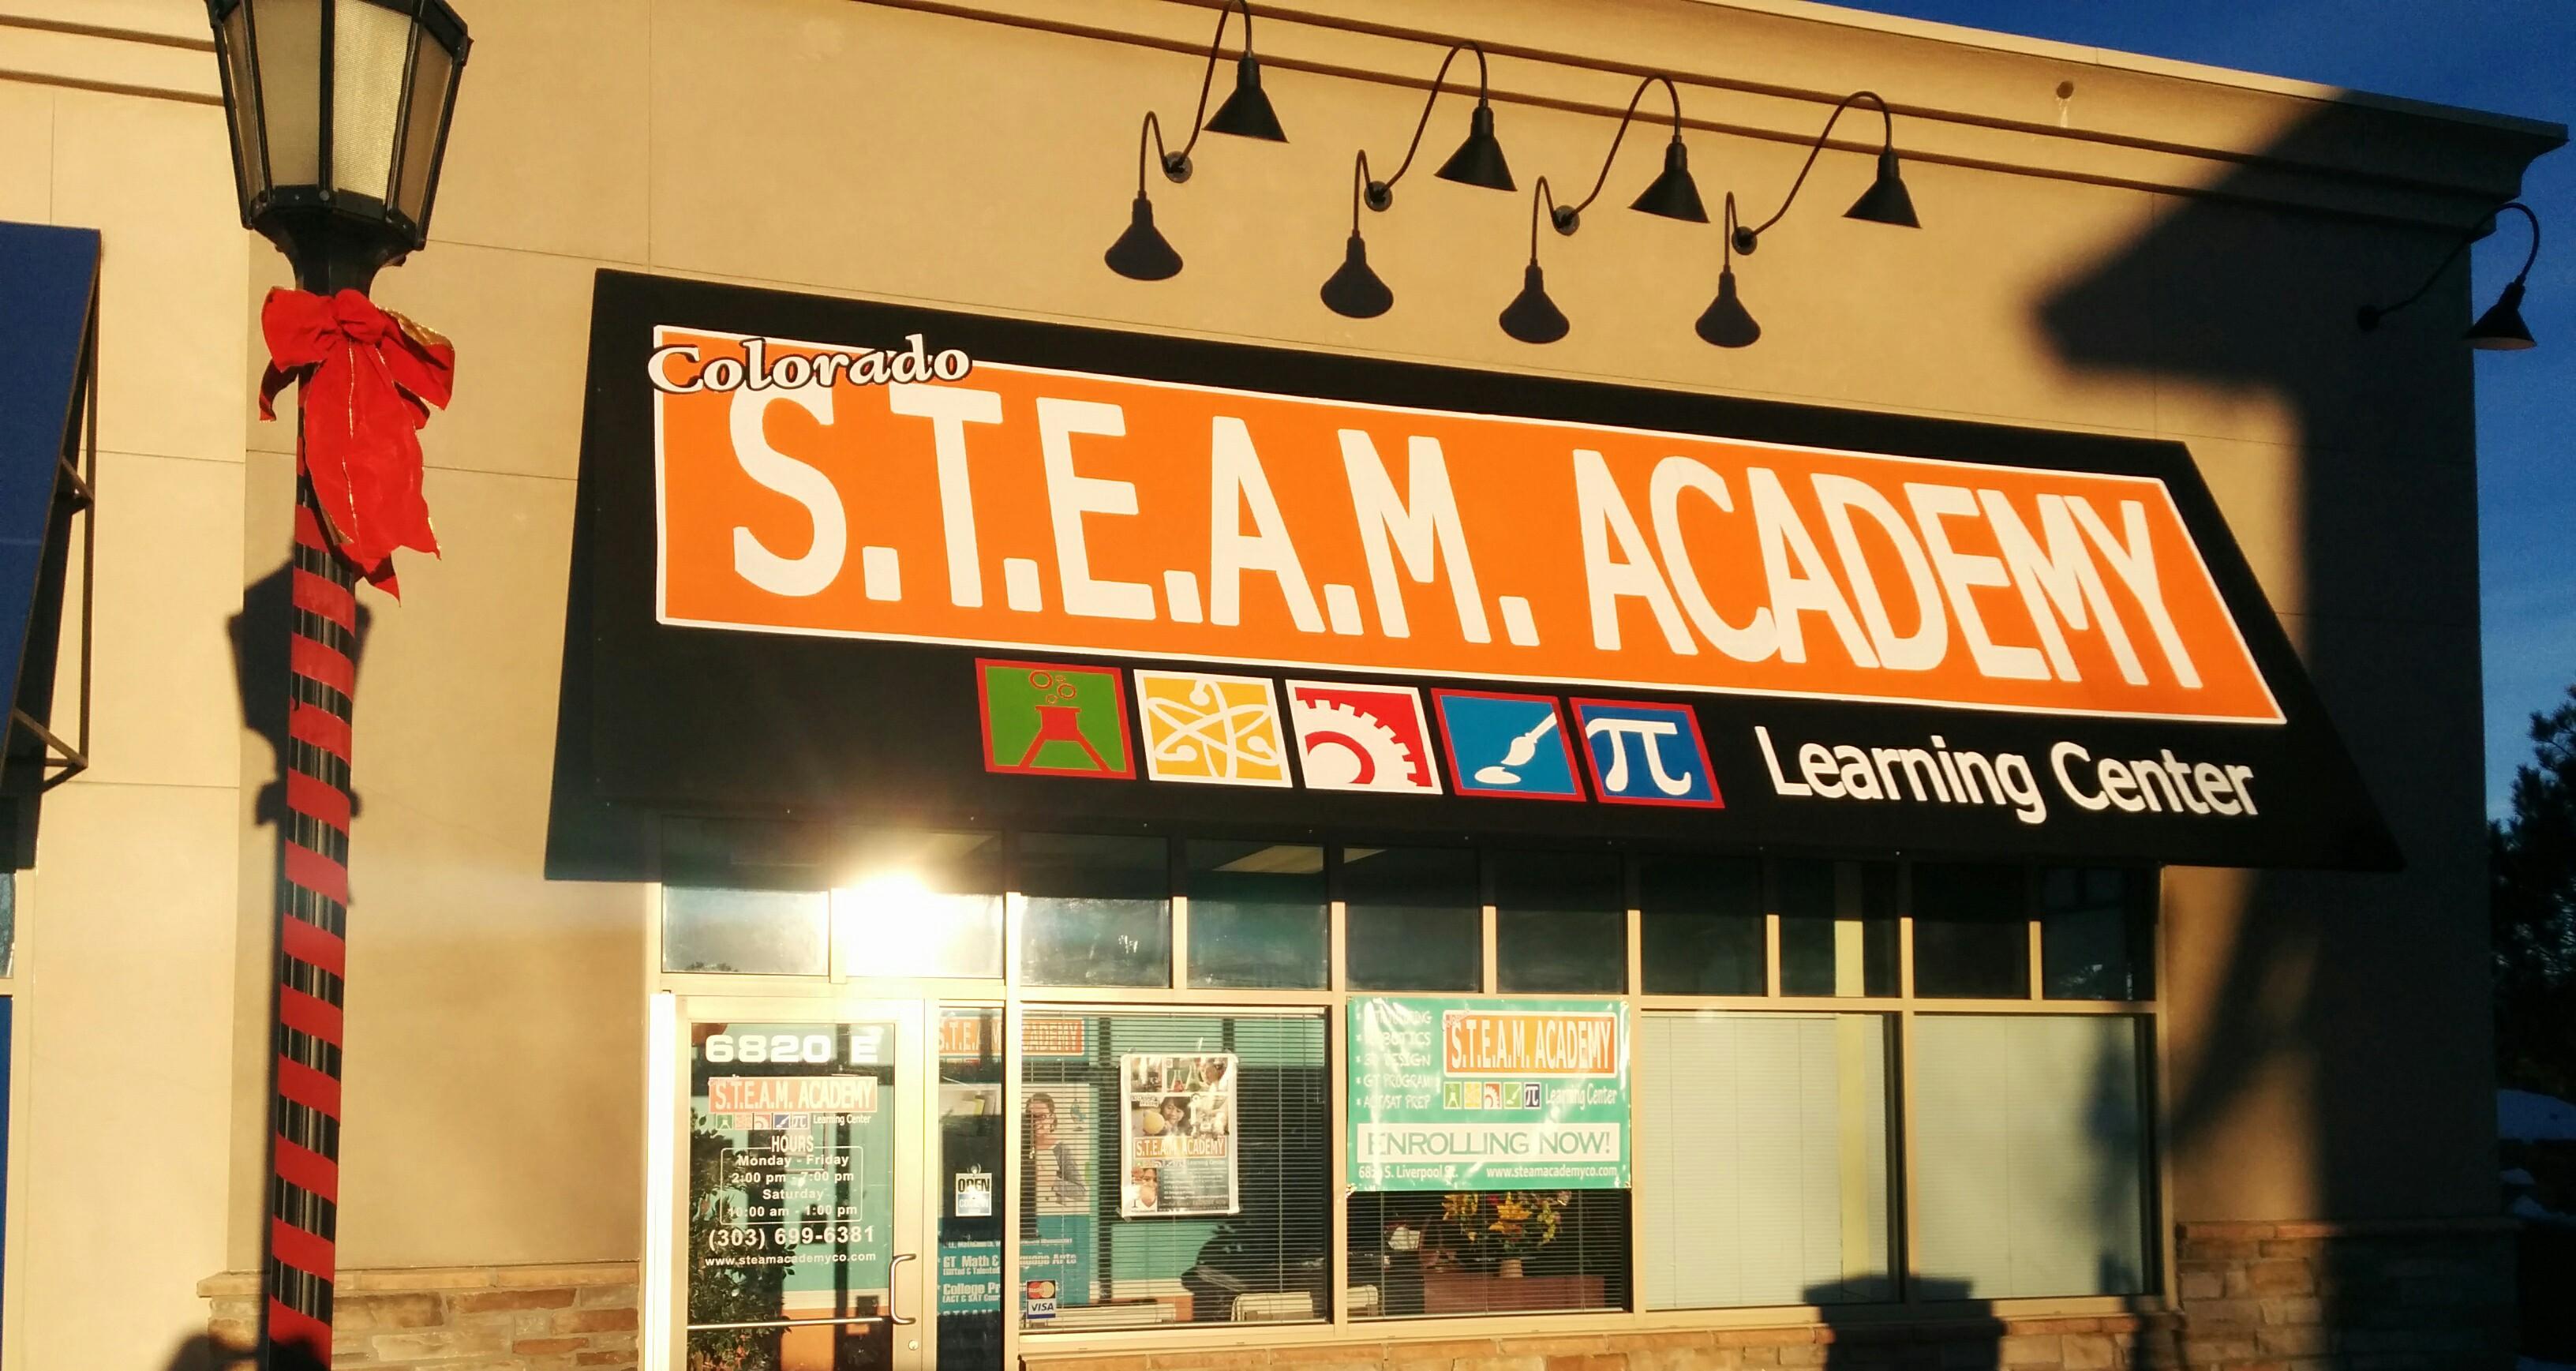 Colorado STEAM Academy